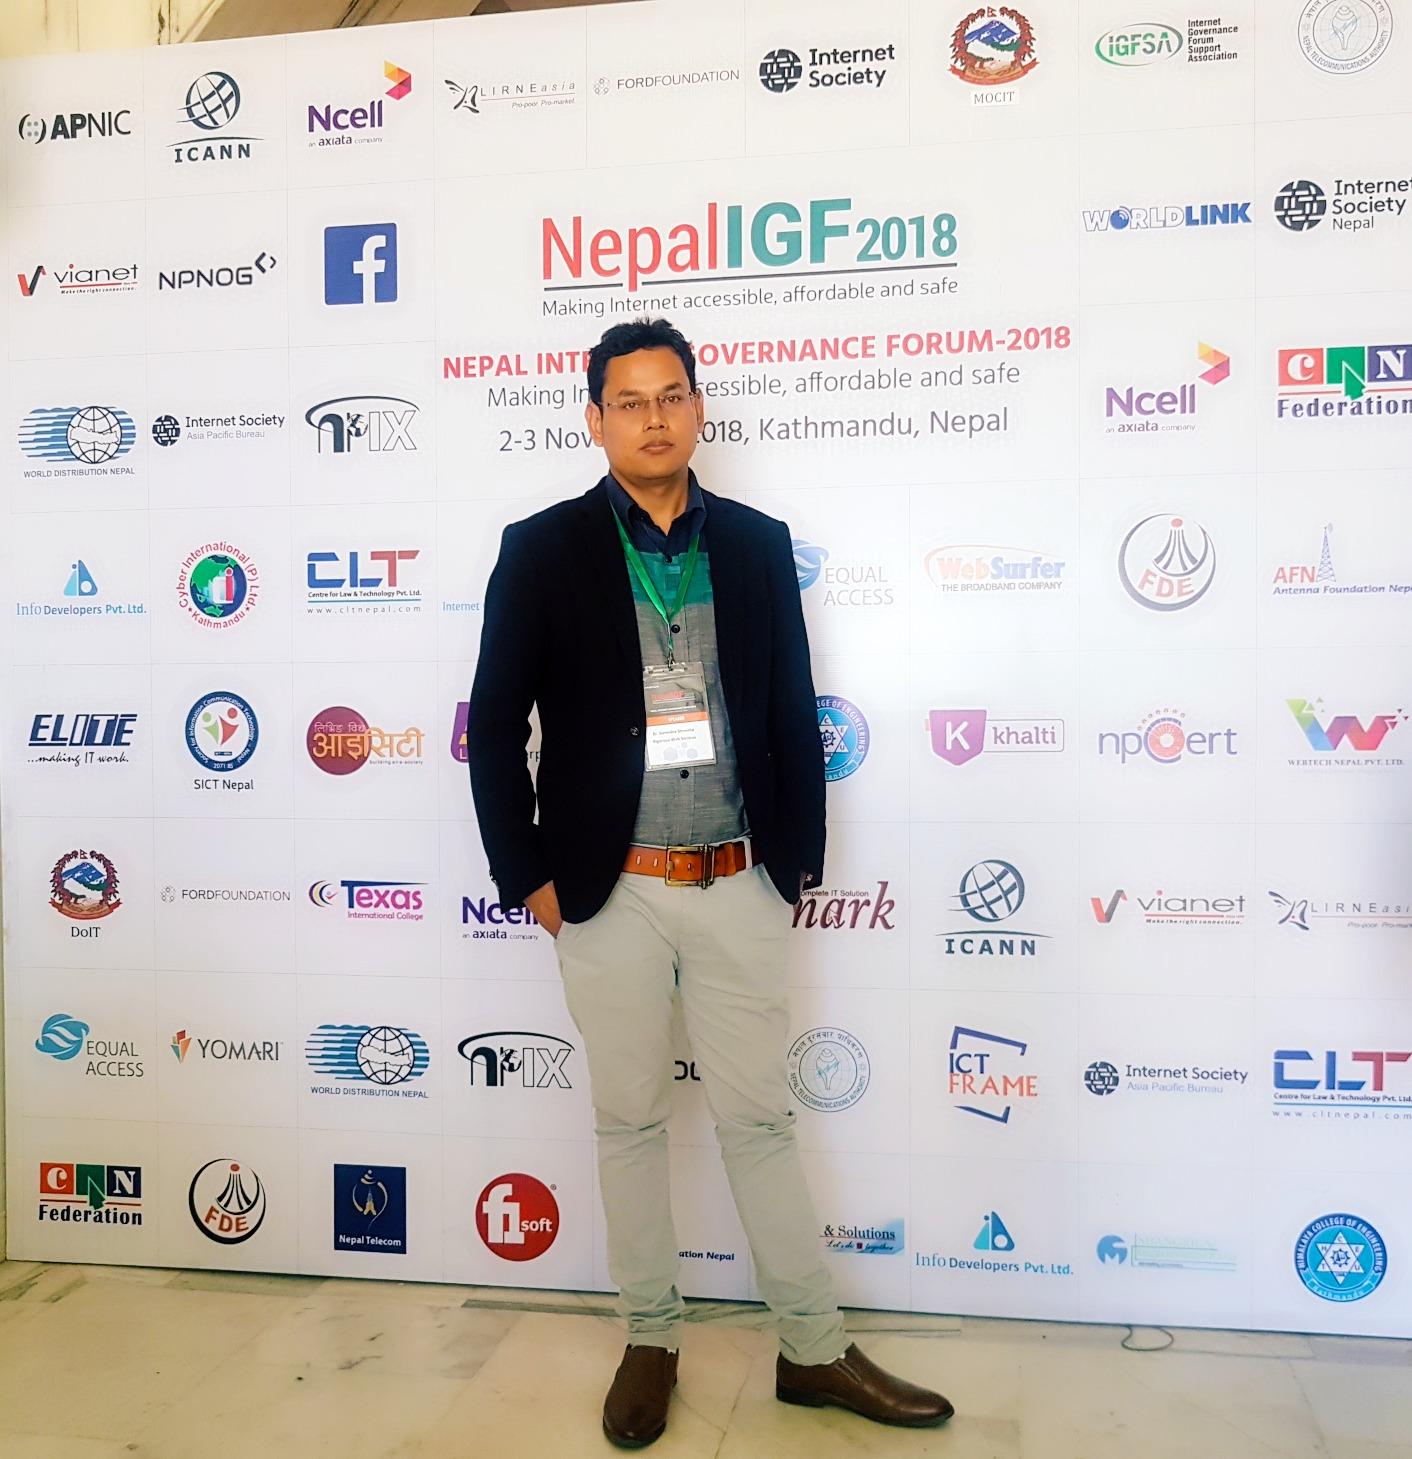 Nepal IGF 2018